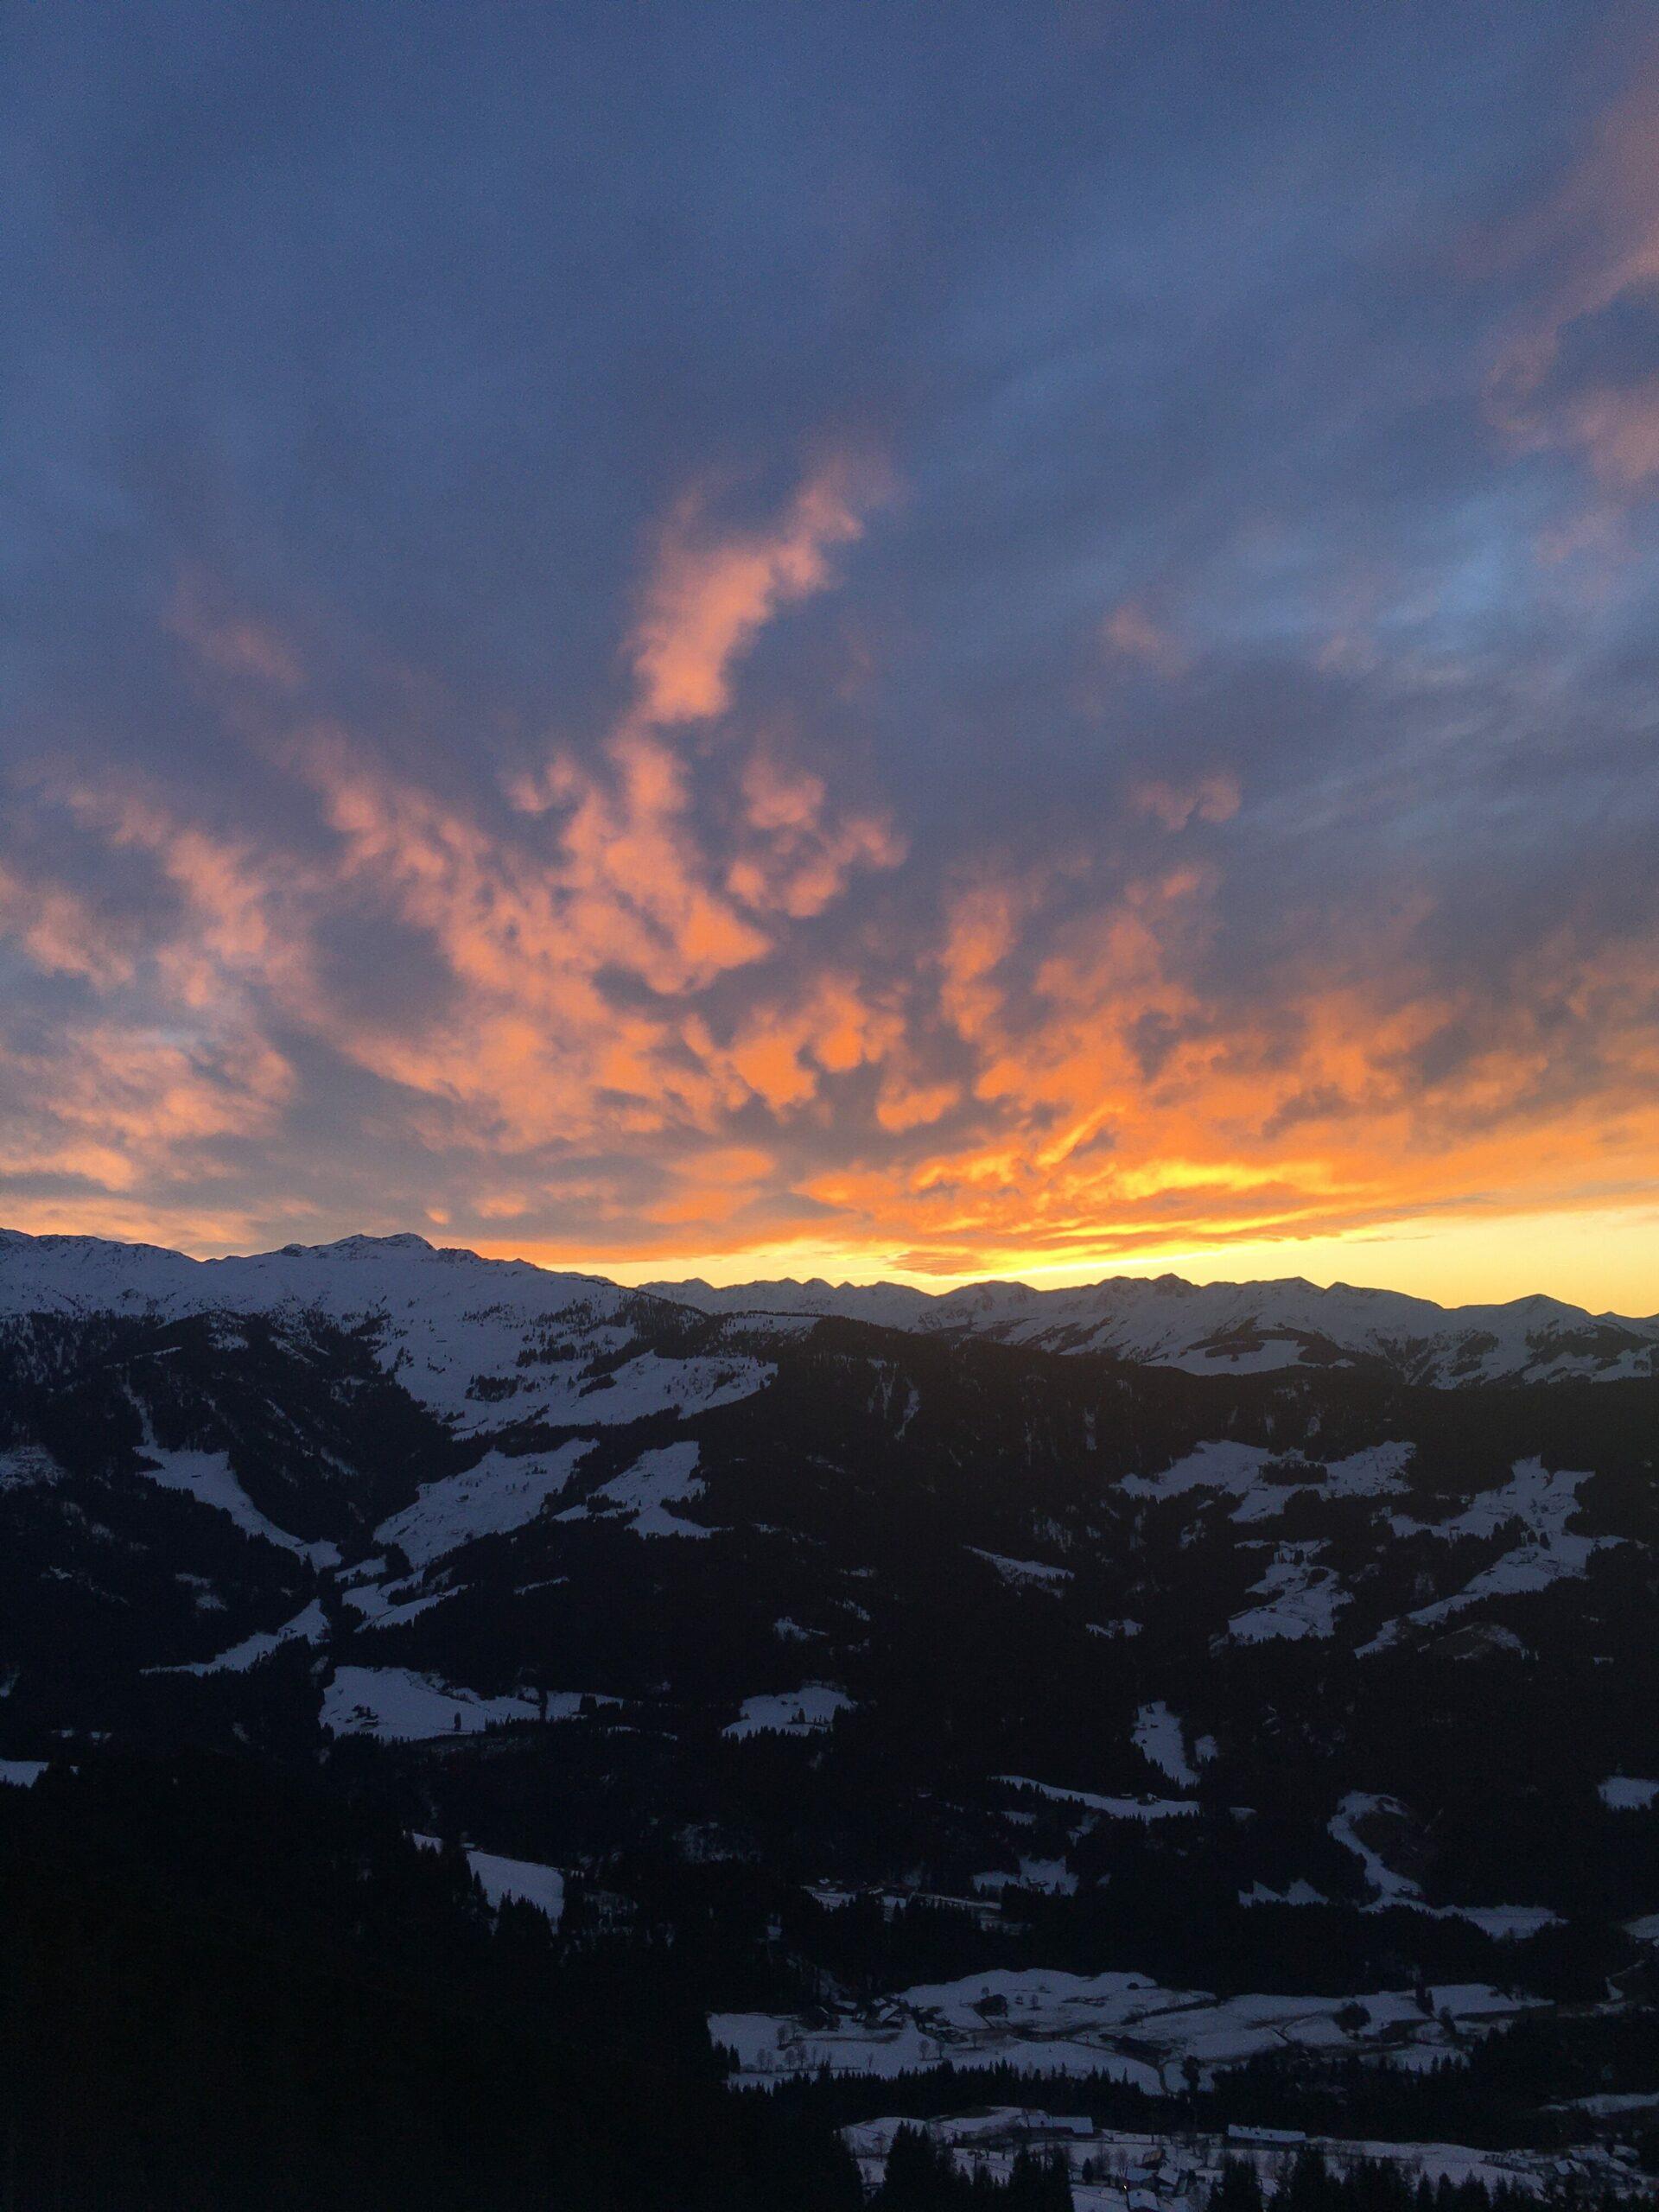 Avondzon in Westendorf tijden hut bij Alpex skitochten